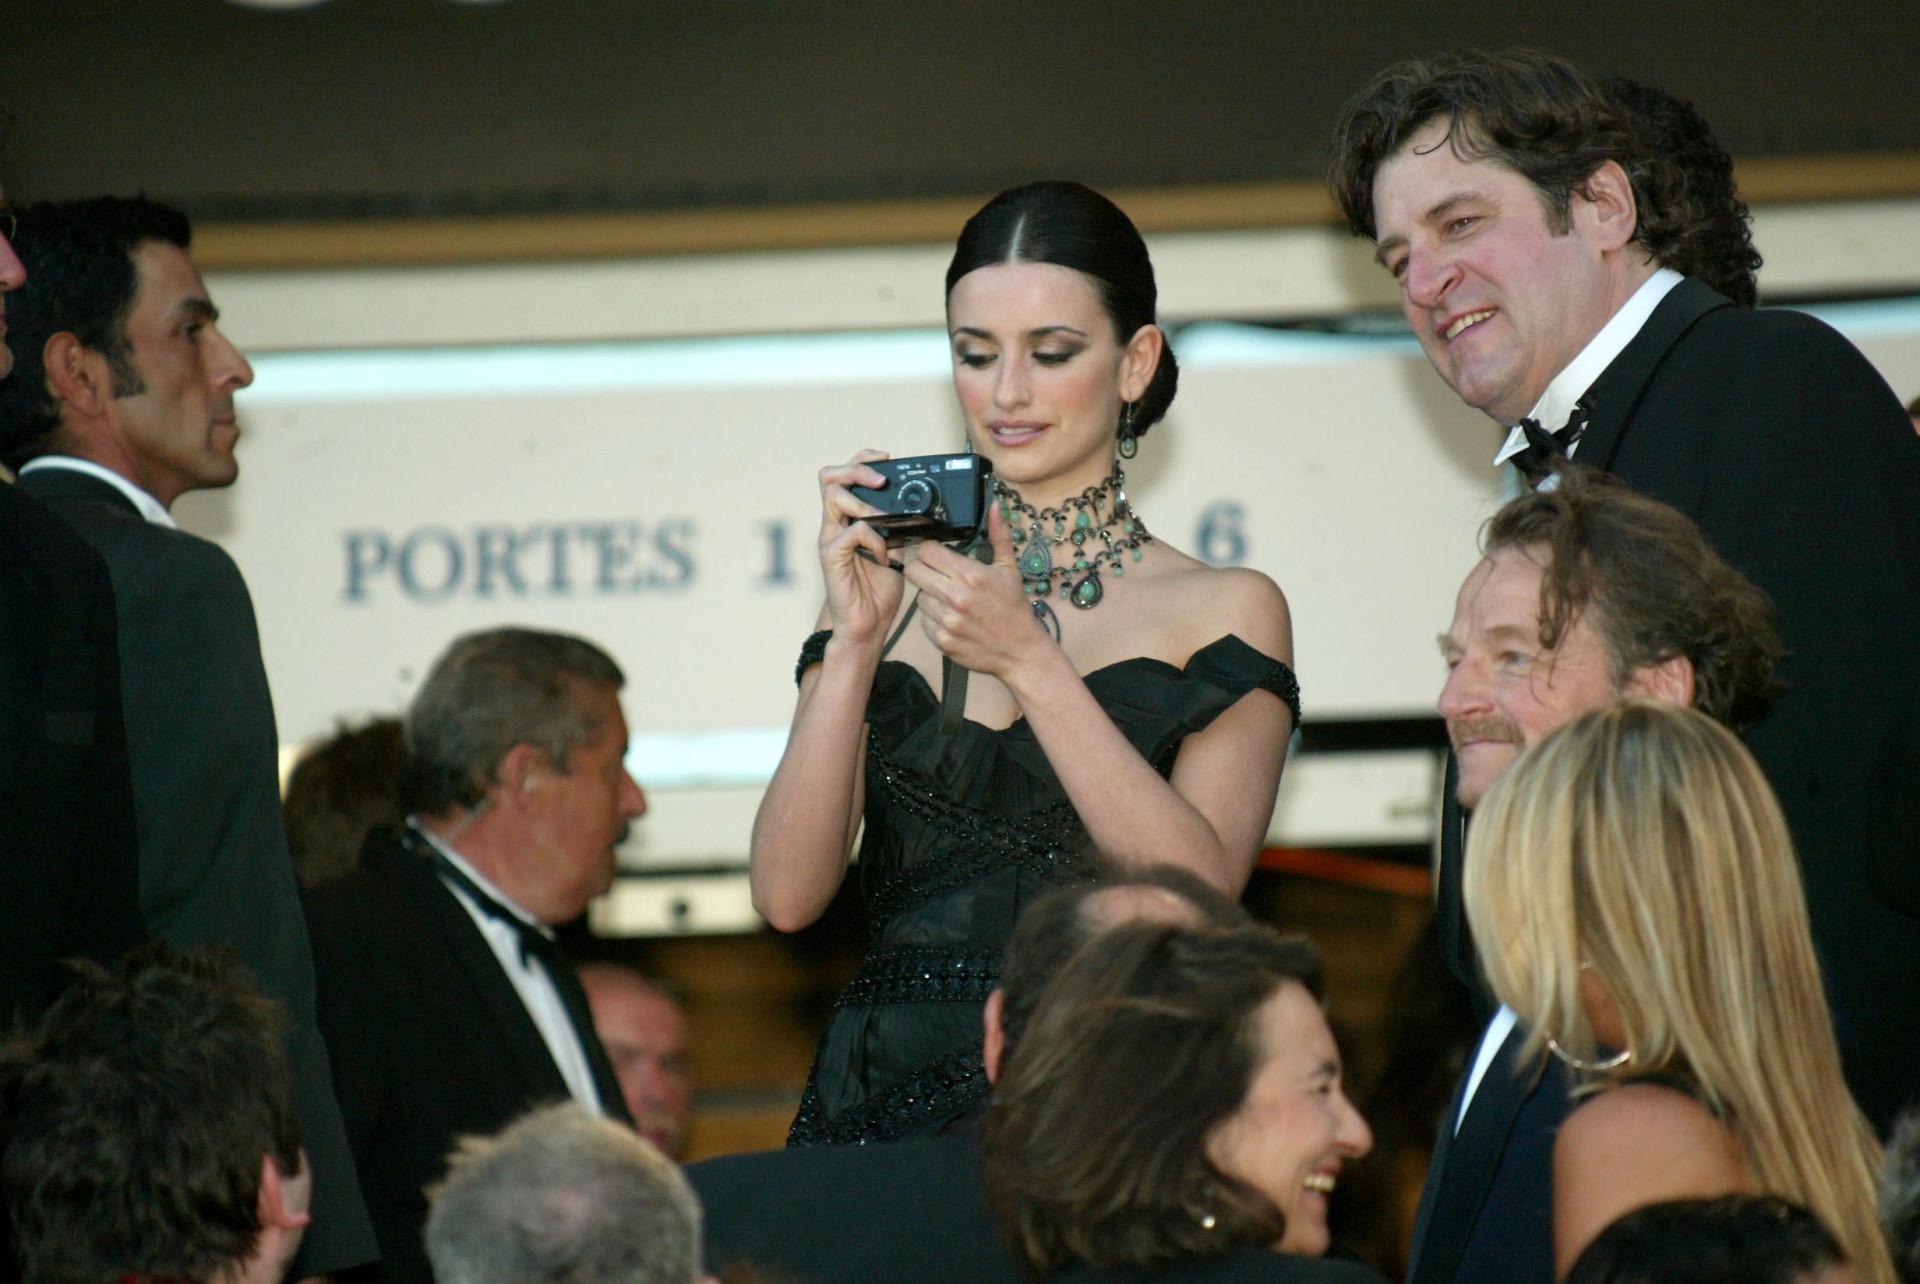 Flagras: os registros curiosos das estrelas no Festival de Cannes